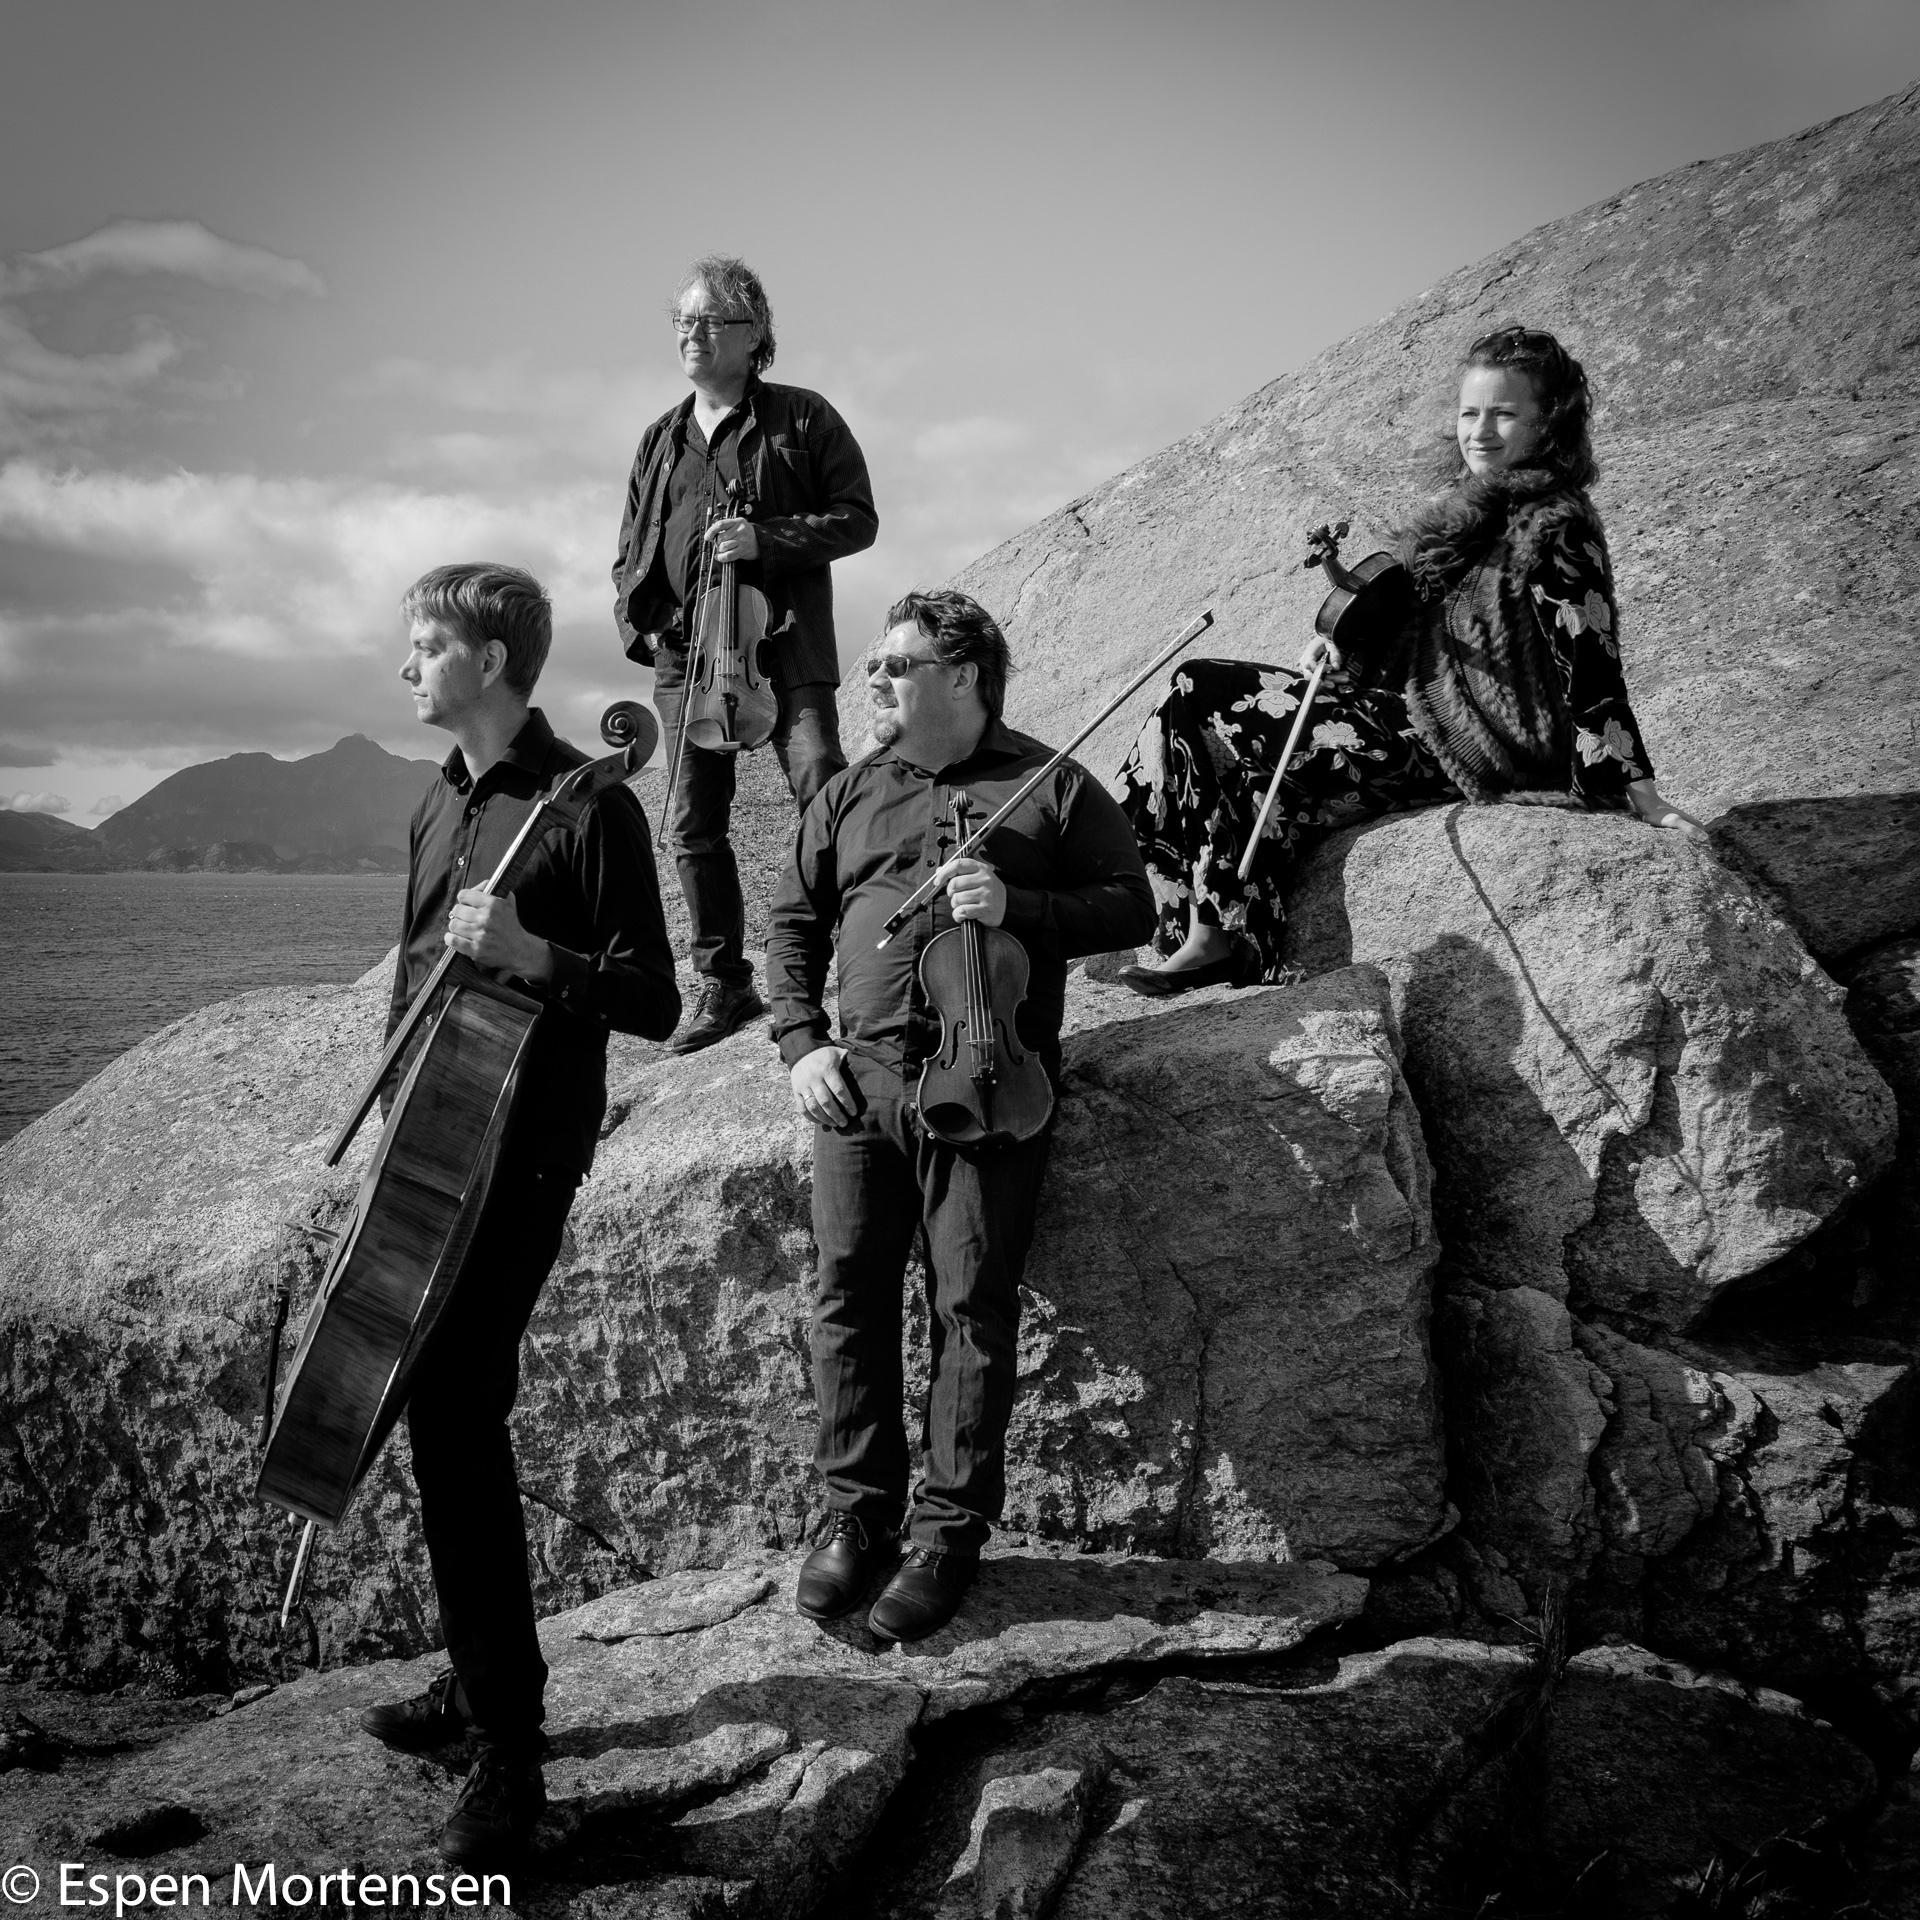 Foto: Espen Mortensen